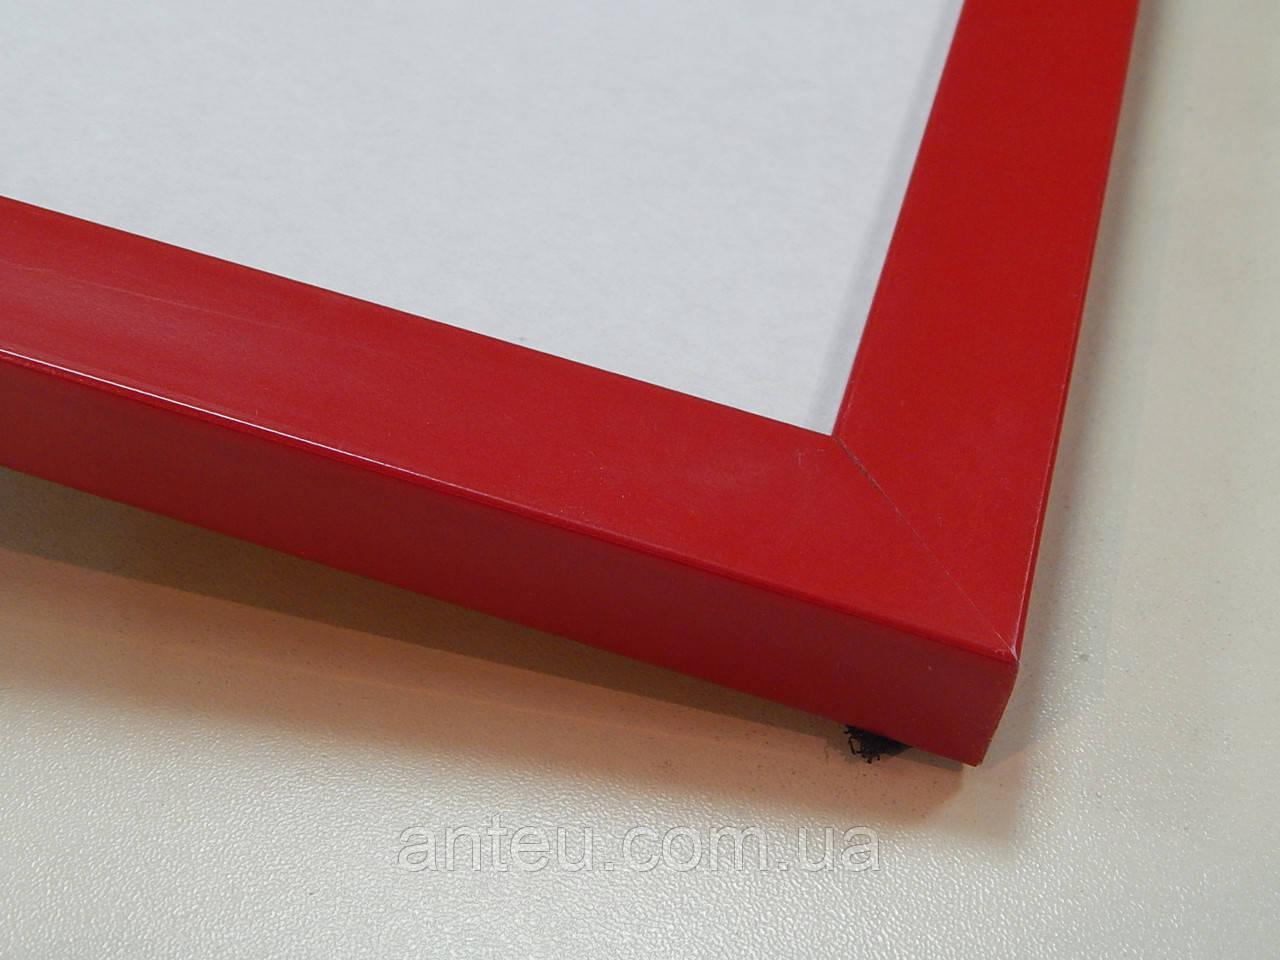 Рамка пластиковая без стекла А2 (420х594).Профиль 22 мм.Для фото,картин,вышивок,плакатов.